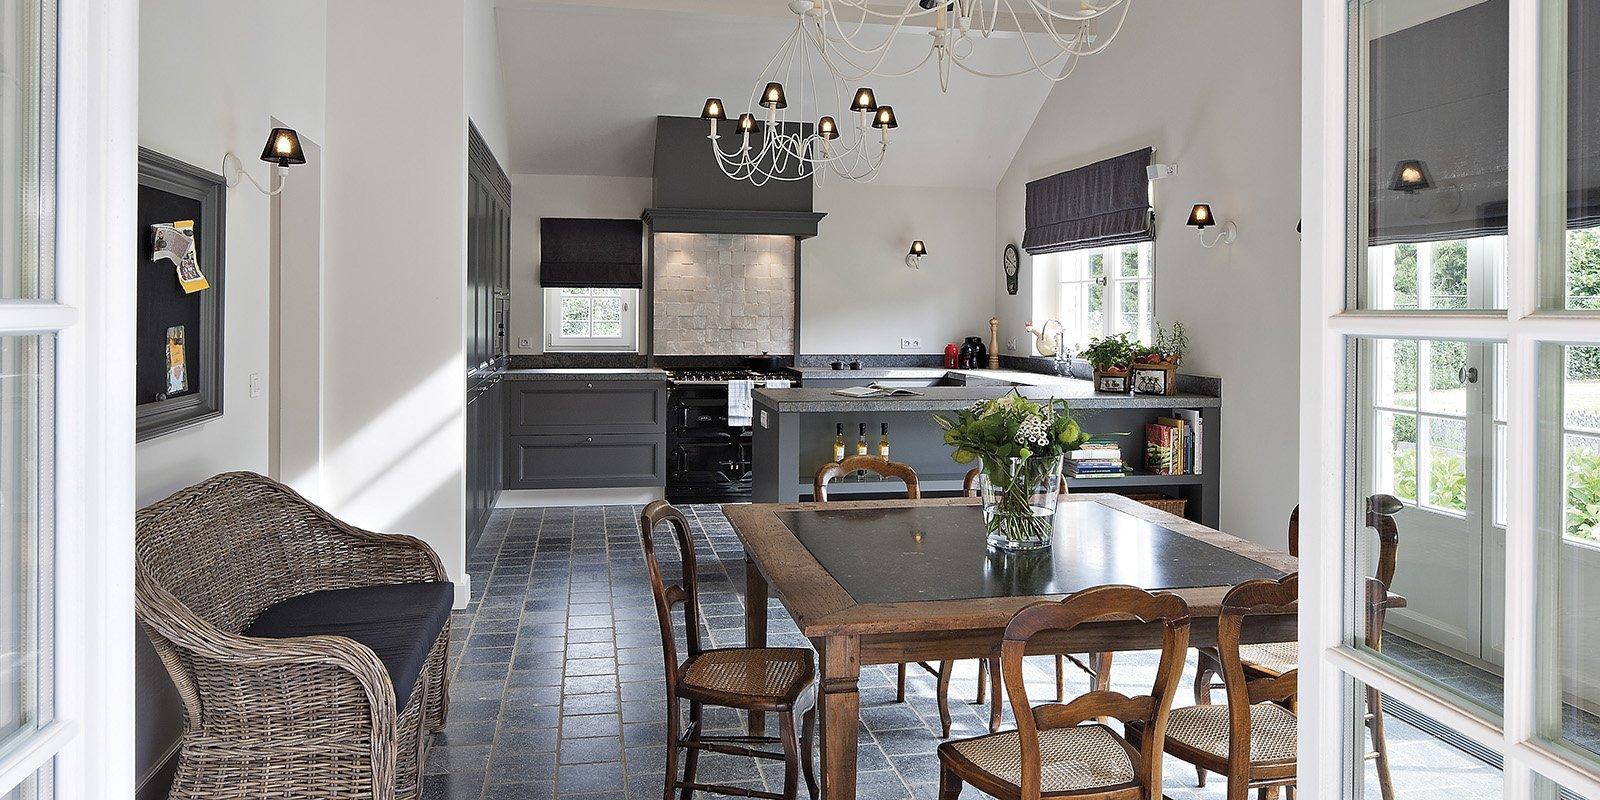 Ruimtelijke keuken die is ontworpen door b+villas in een klassieke stijl